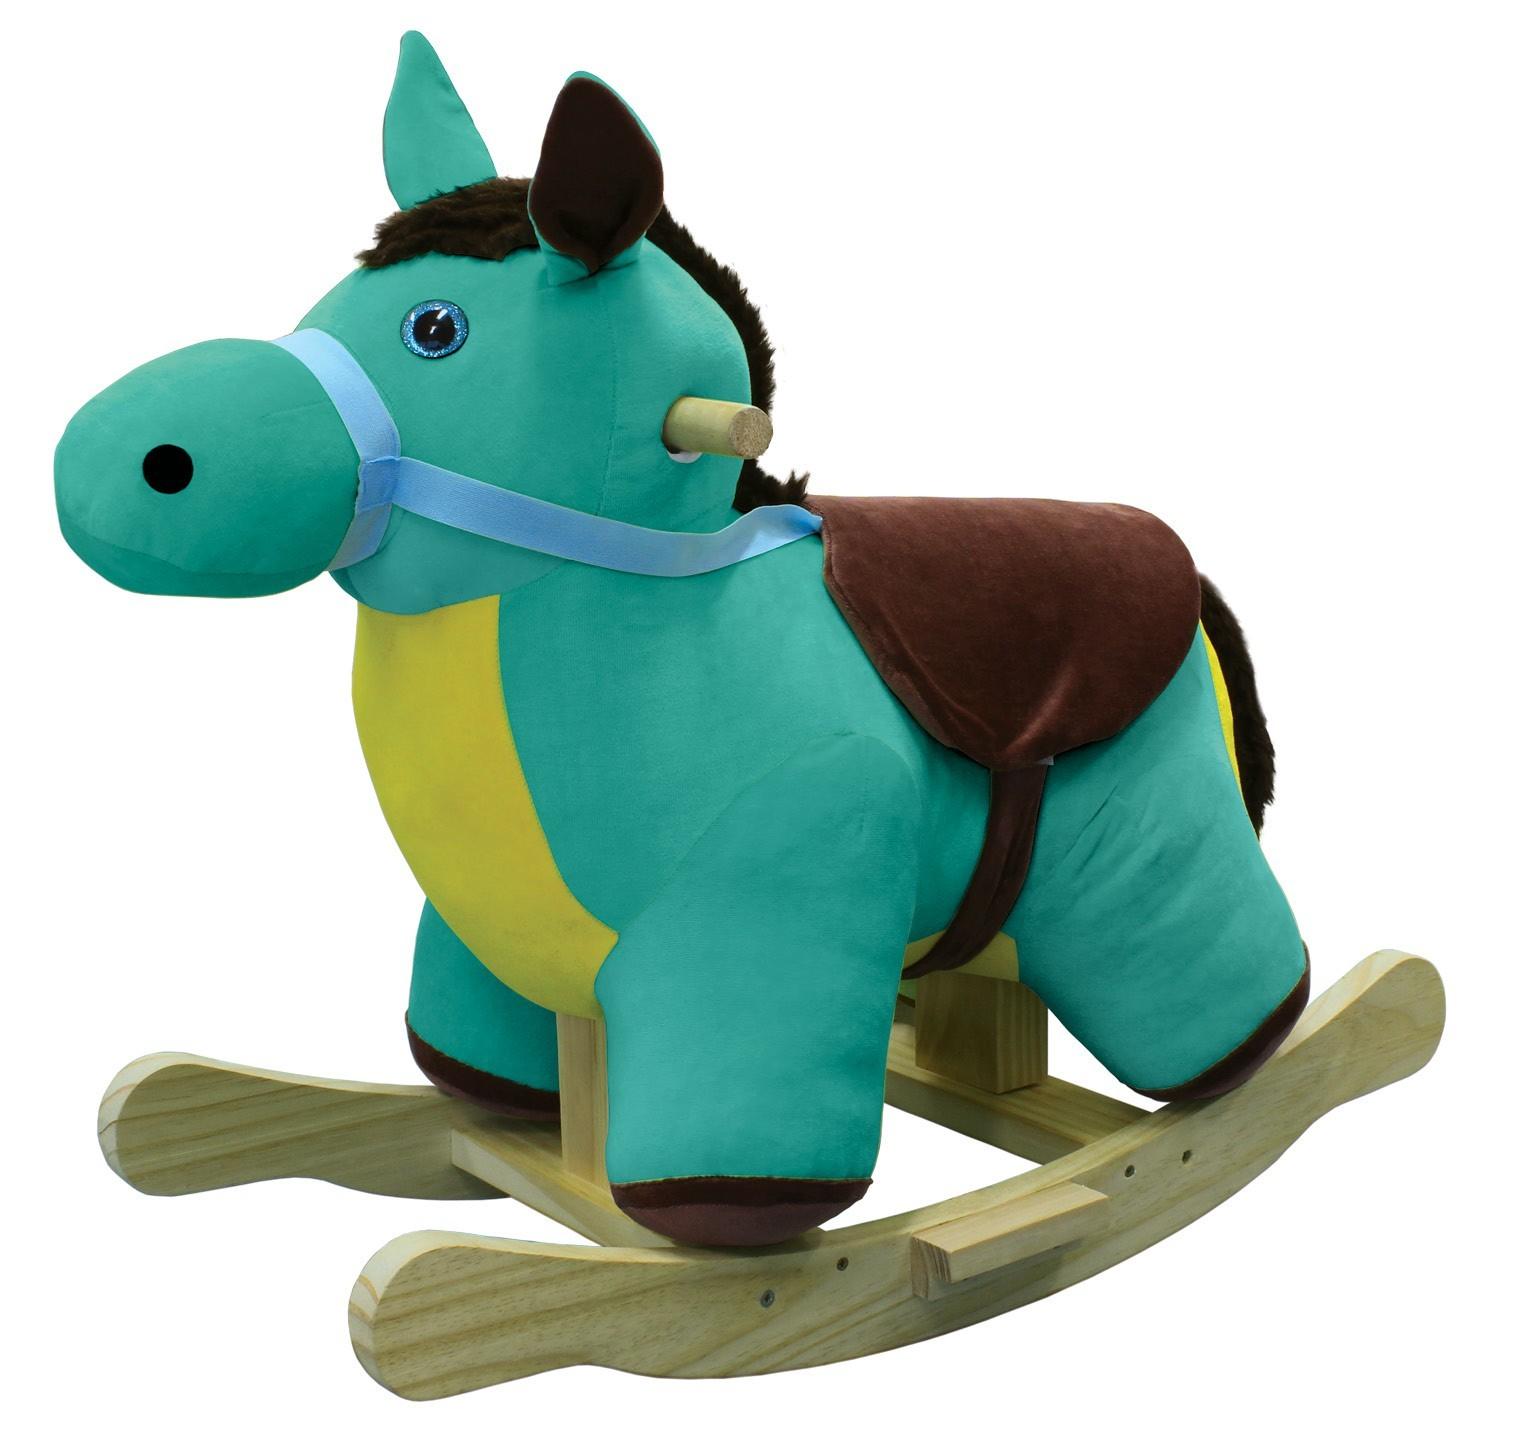 Brinquedo de Madeira Cavalo de Balanço em Tecido